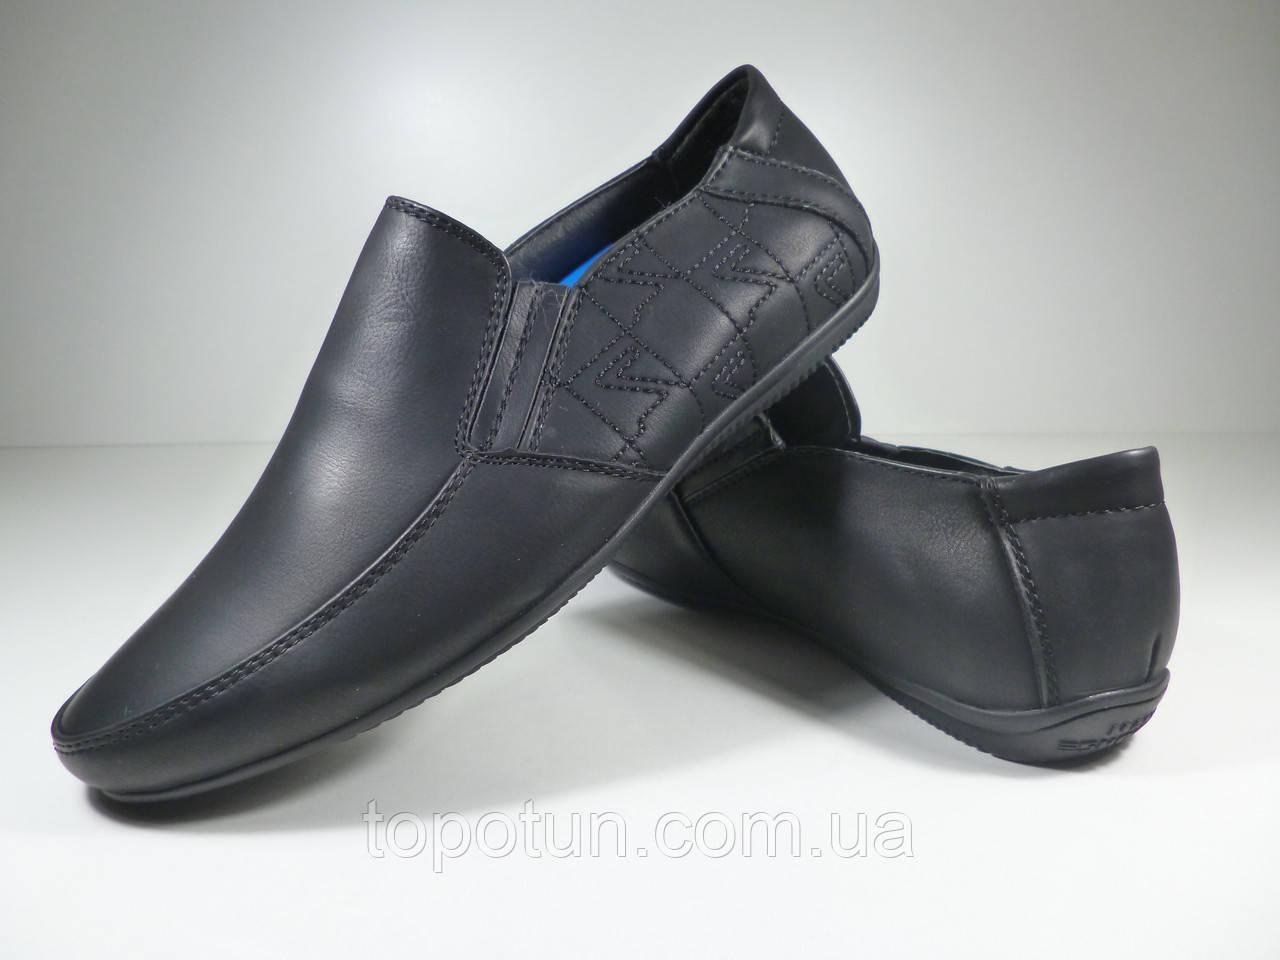 """Школьные туфли для мальчика """"Kimbo-o"""" Размер: 34,35"""